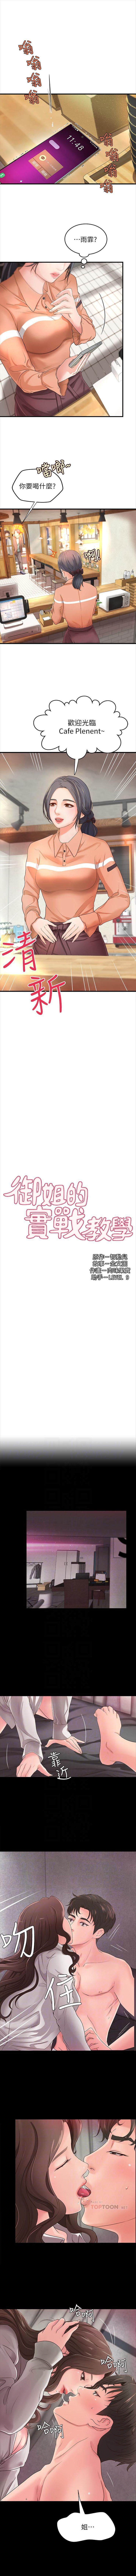 御姐的實戰教學 1-27 官方中文(連載中) 53